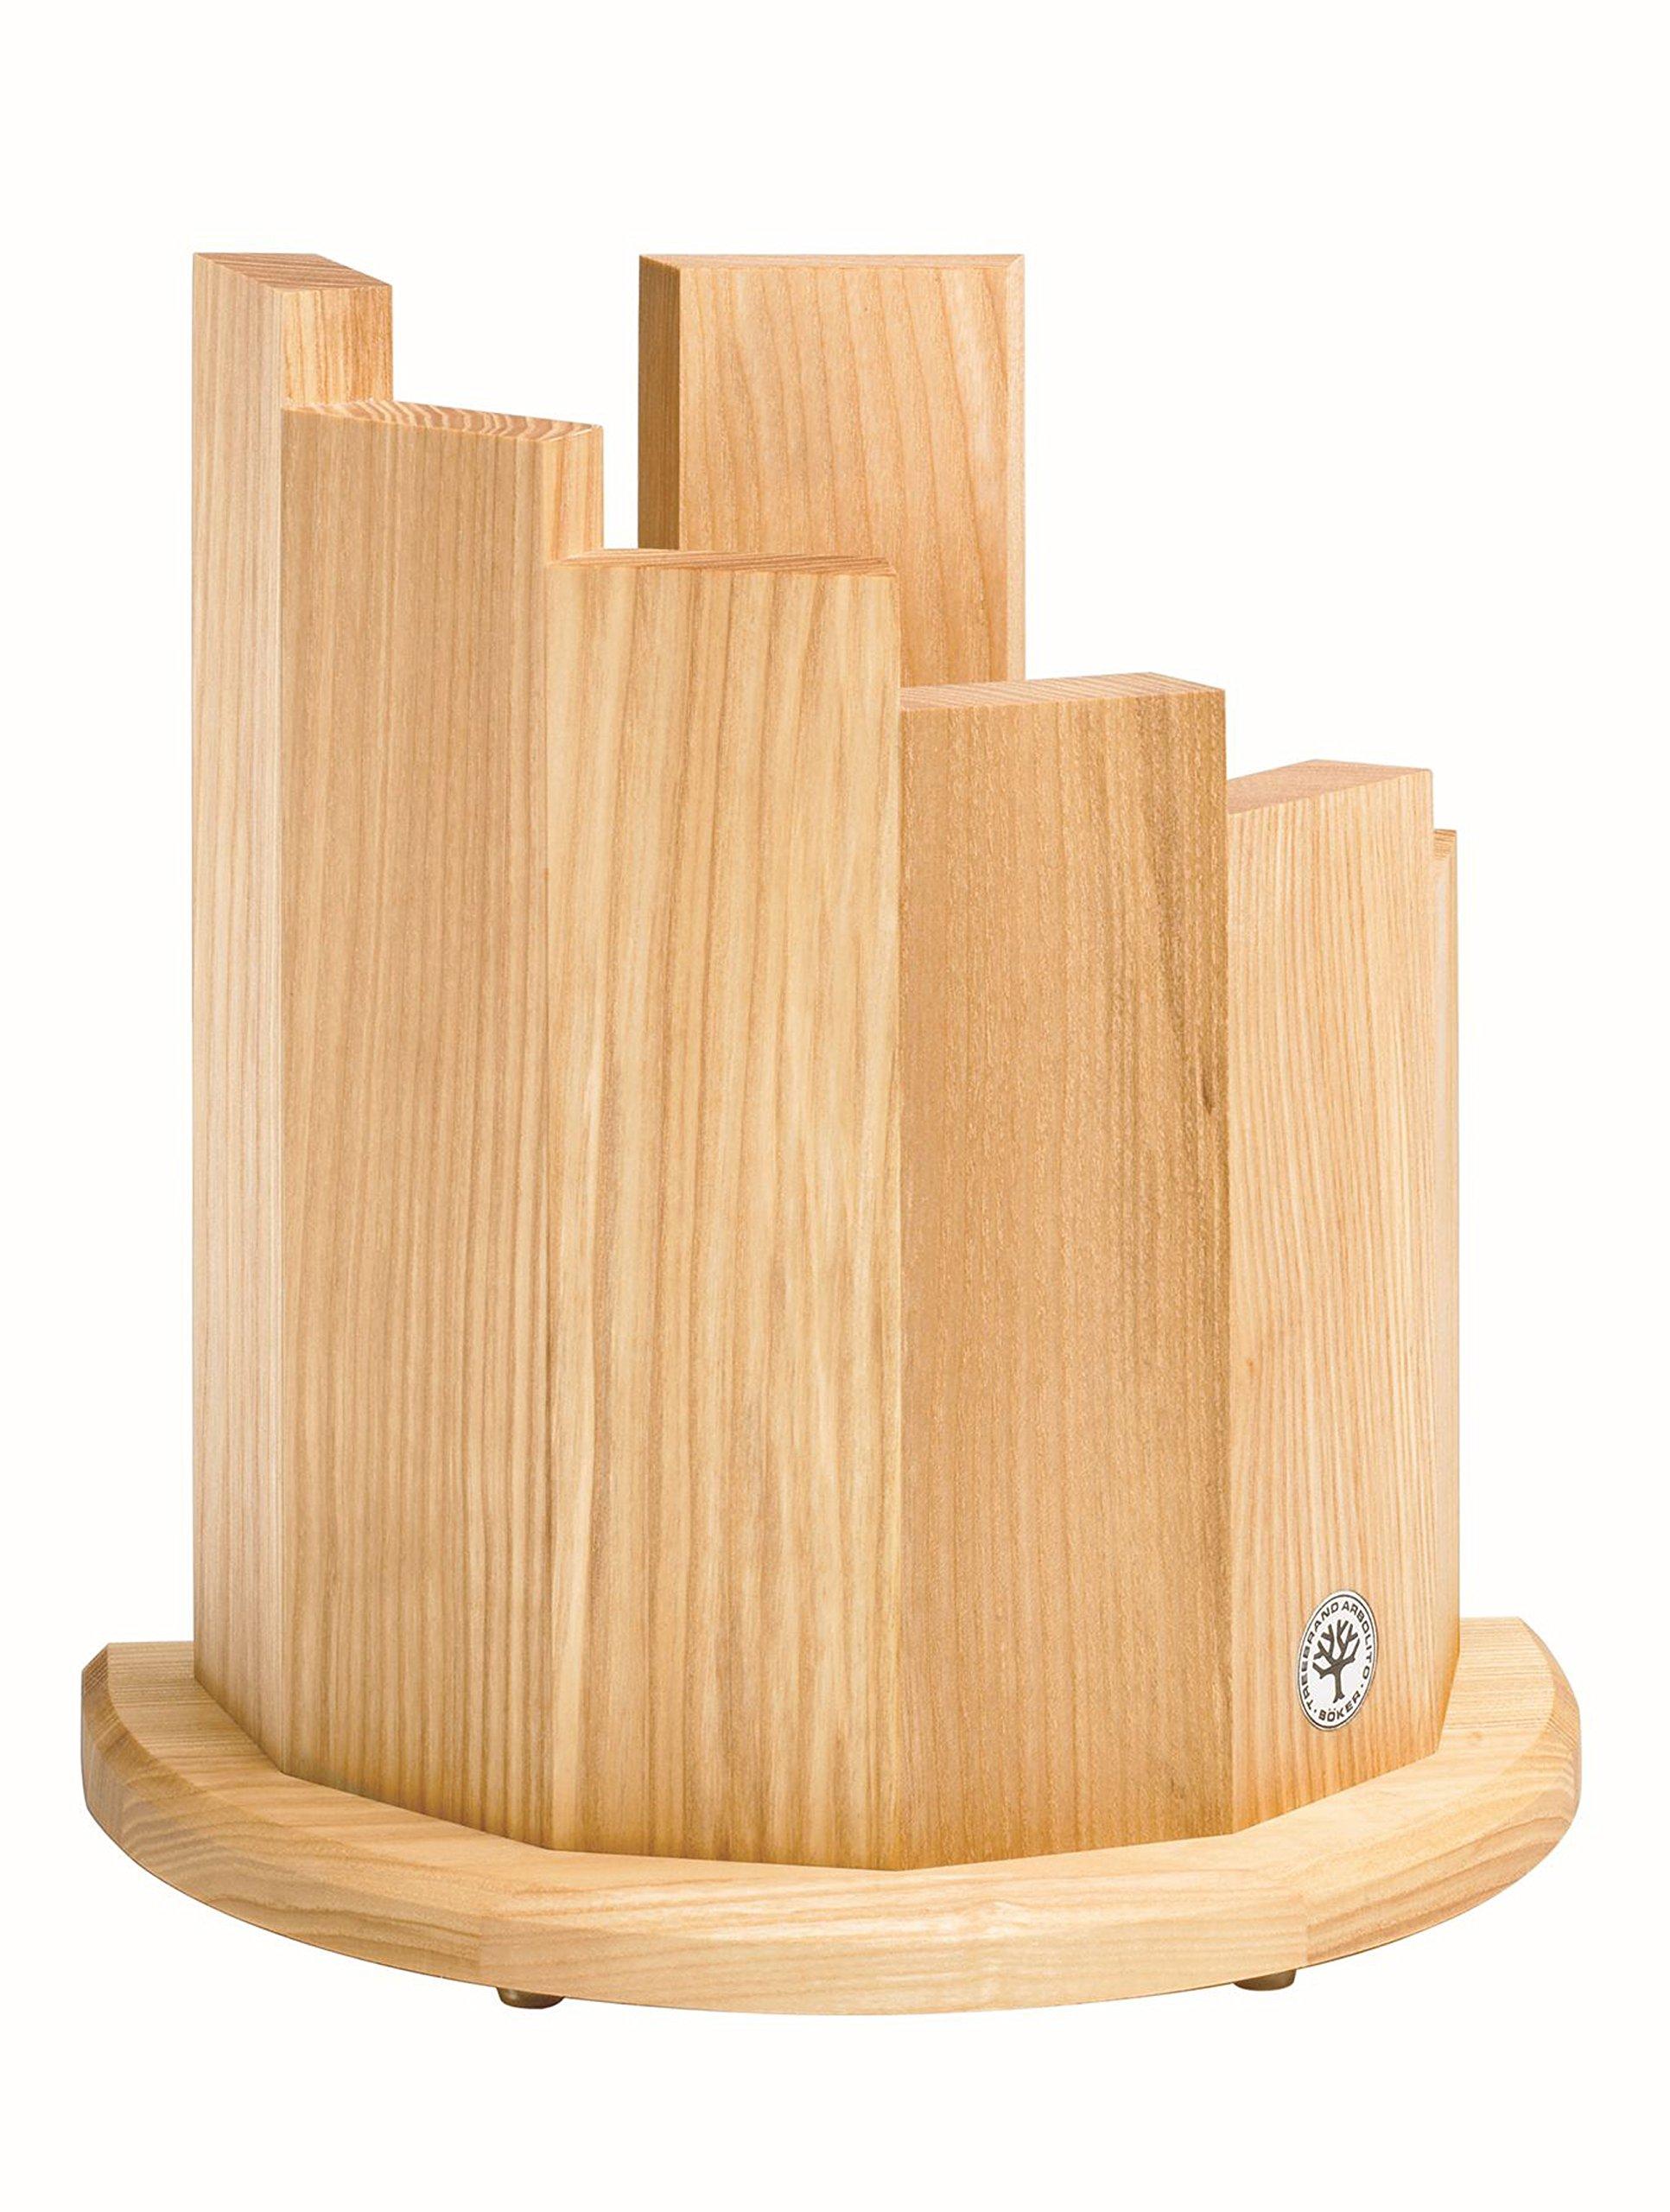 Boker 30401 Wood Magnetic Knife Block, Olive